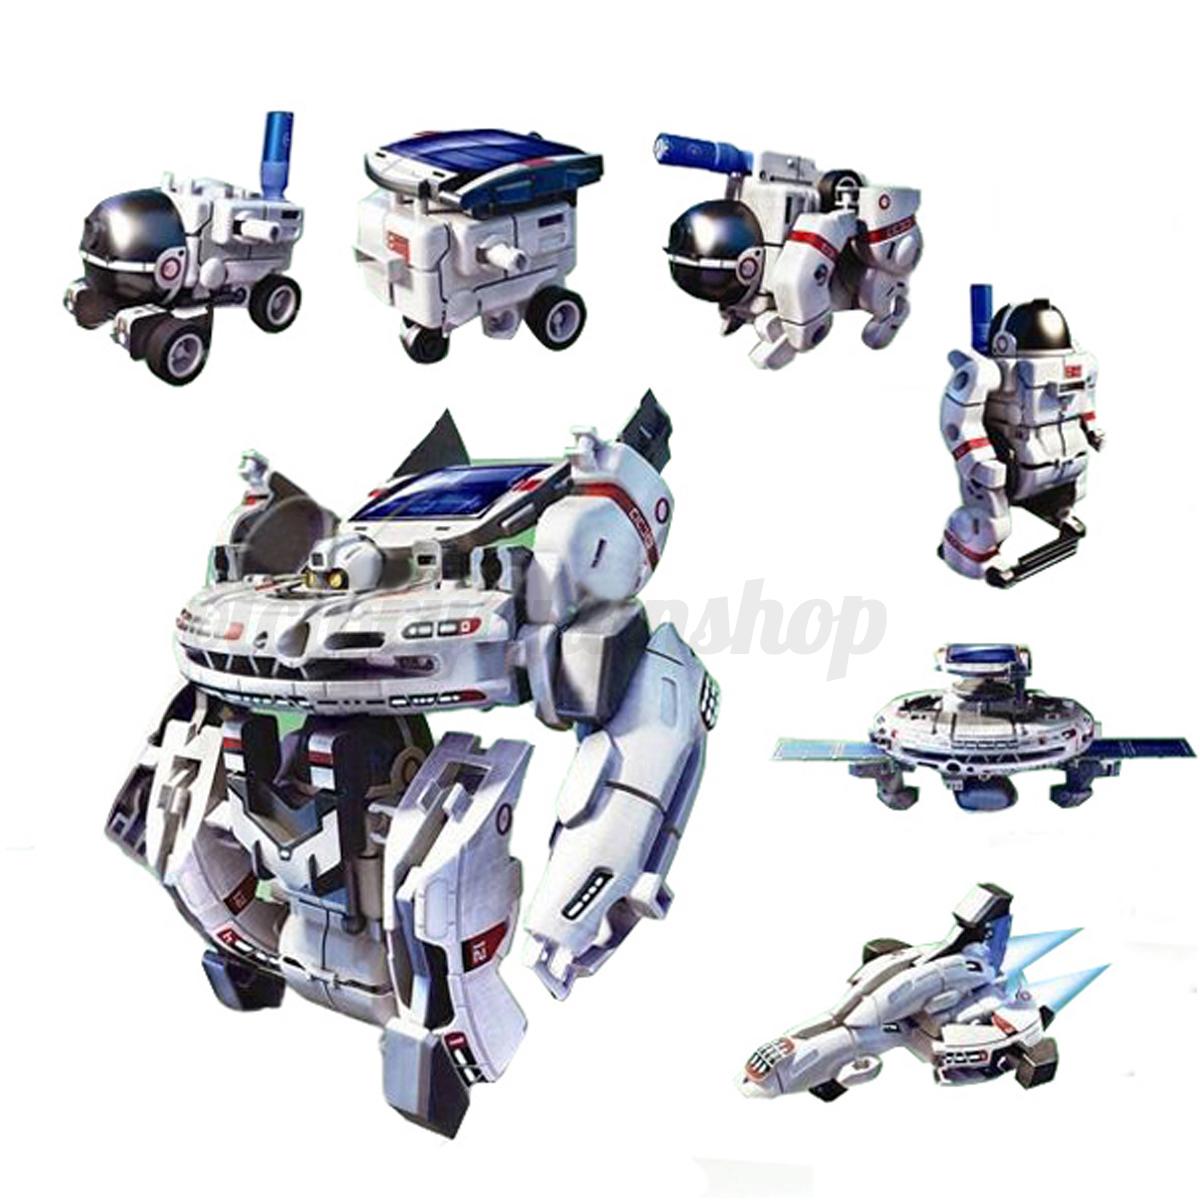 Robot voiture poussin tortue jouet educatif enfants lectronique solaire cadeau ebay - Voiture tortue ...